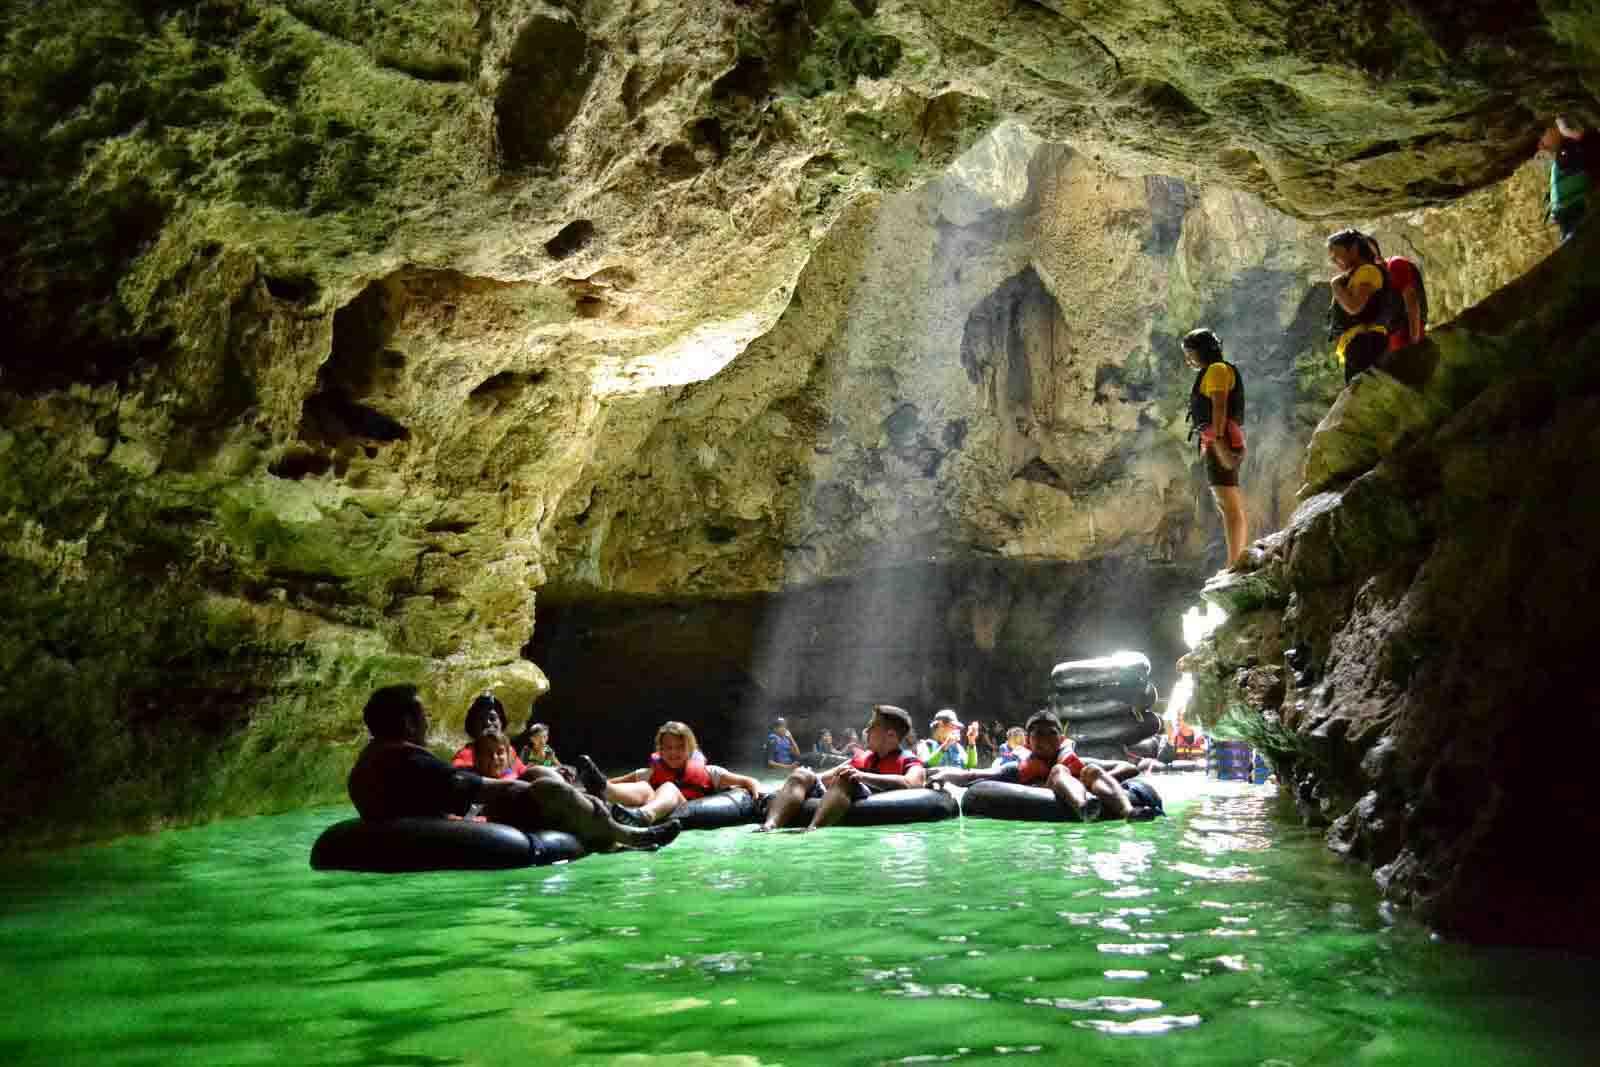 5Objek Wisata Goa yang Layak Dikunjungi di Jogja, Sensasinya Unik!